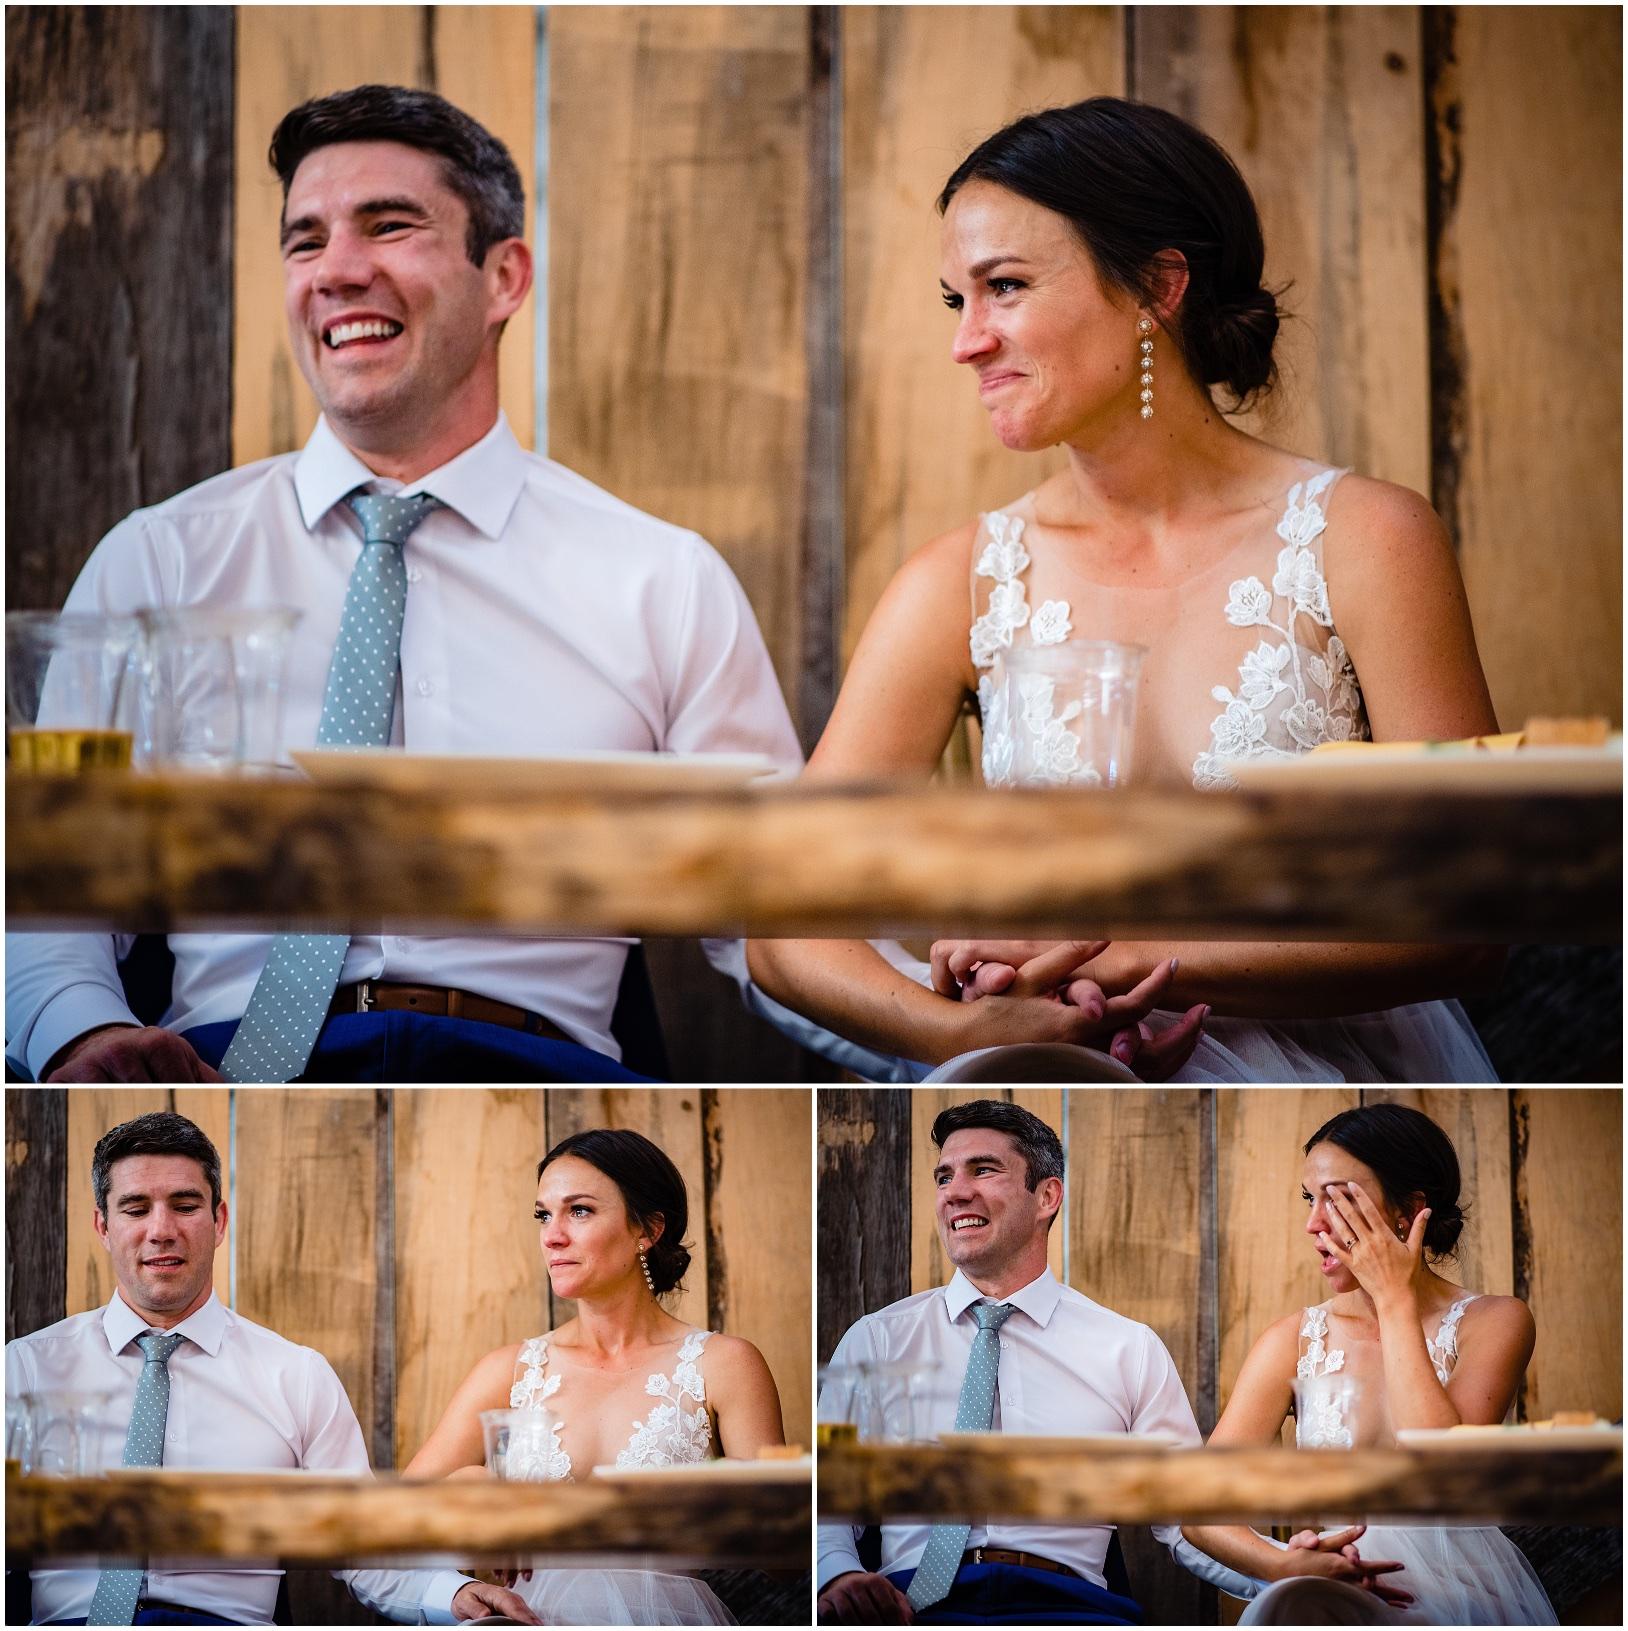 lindseyjane_weddings0103.jpg